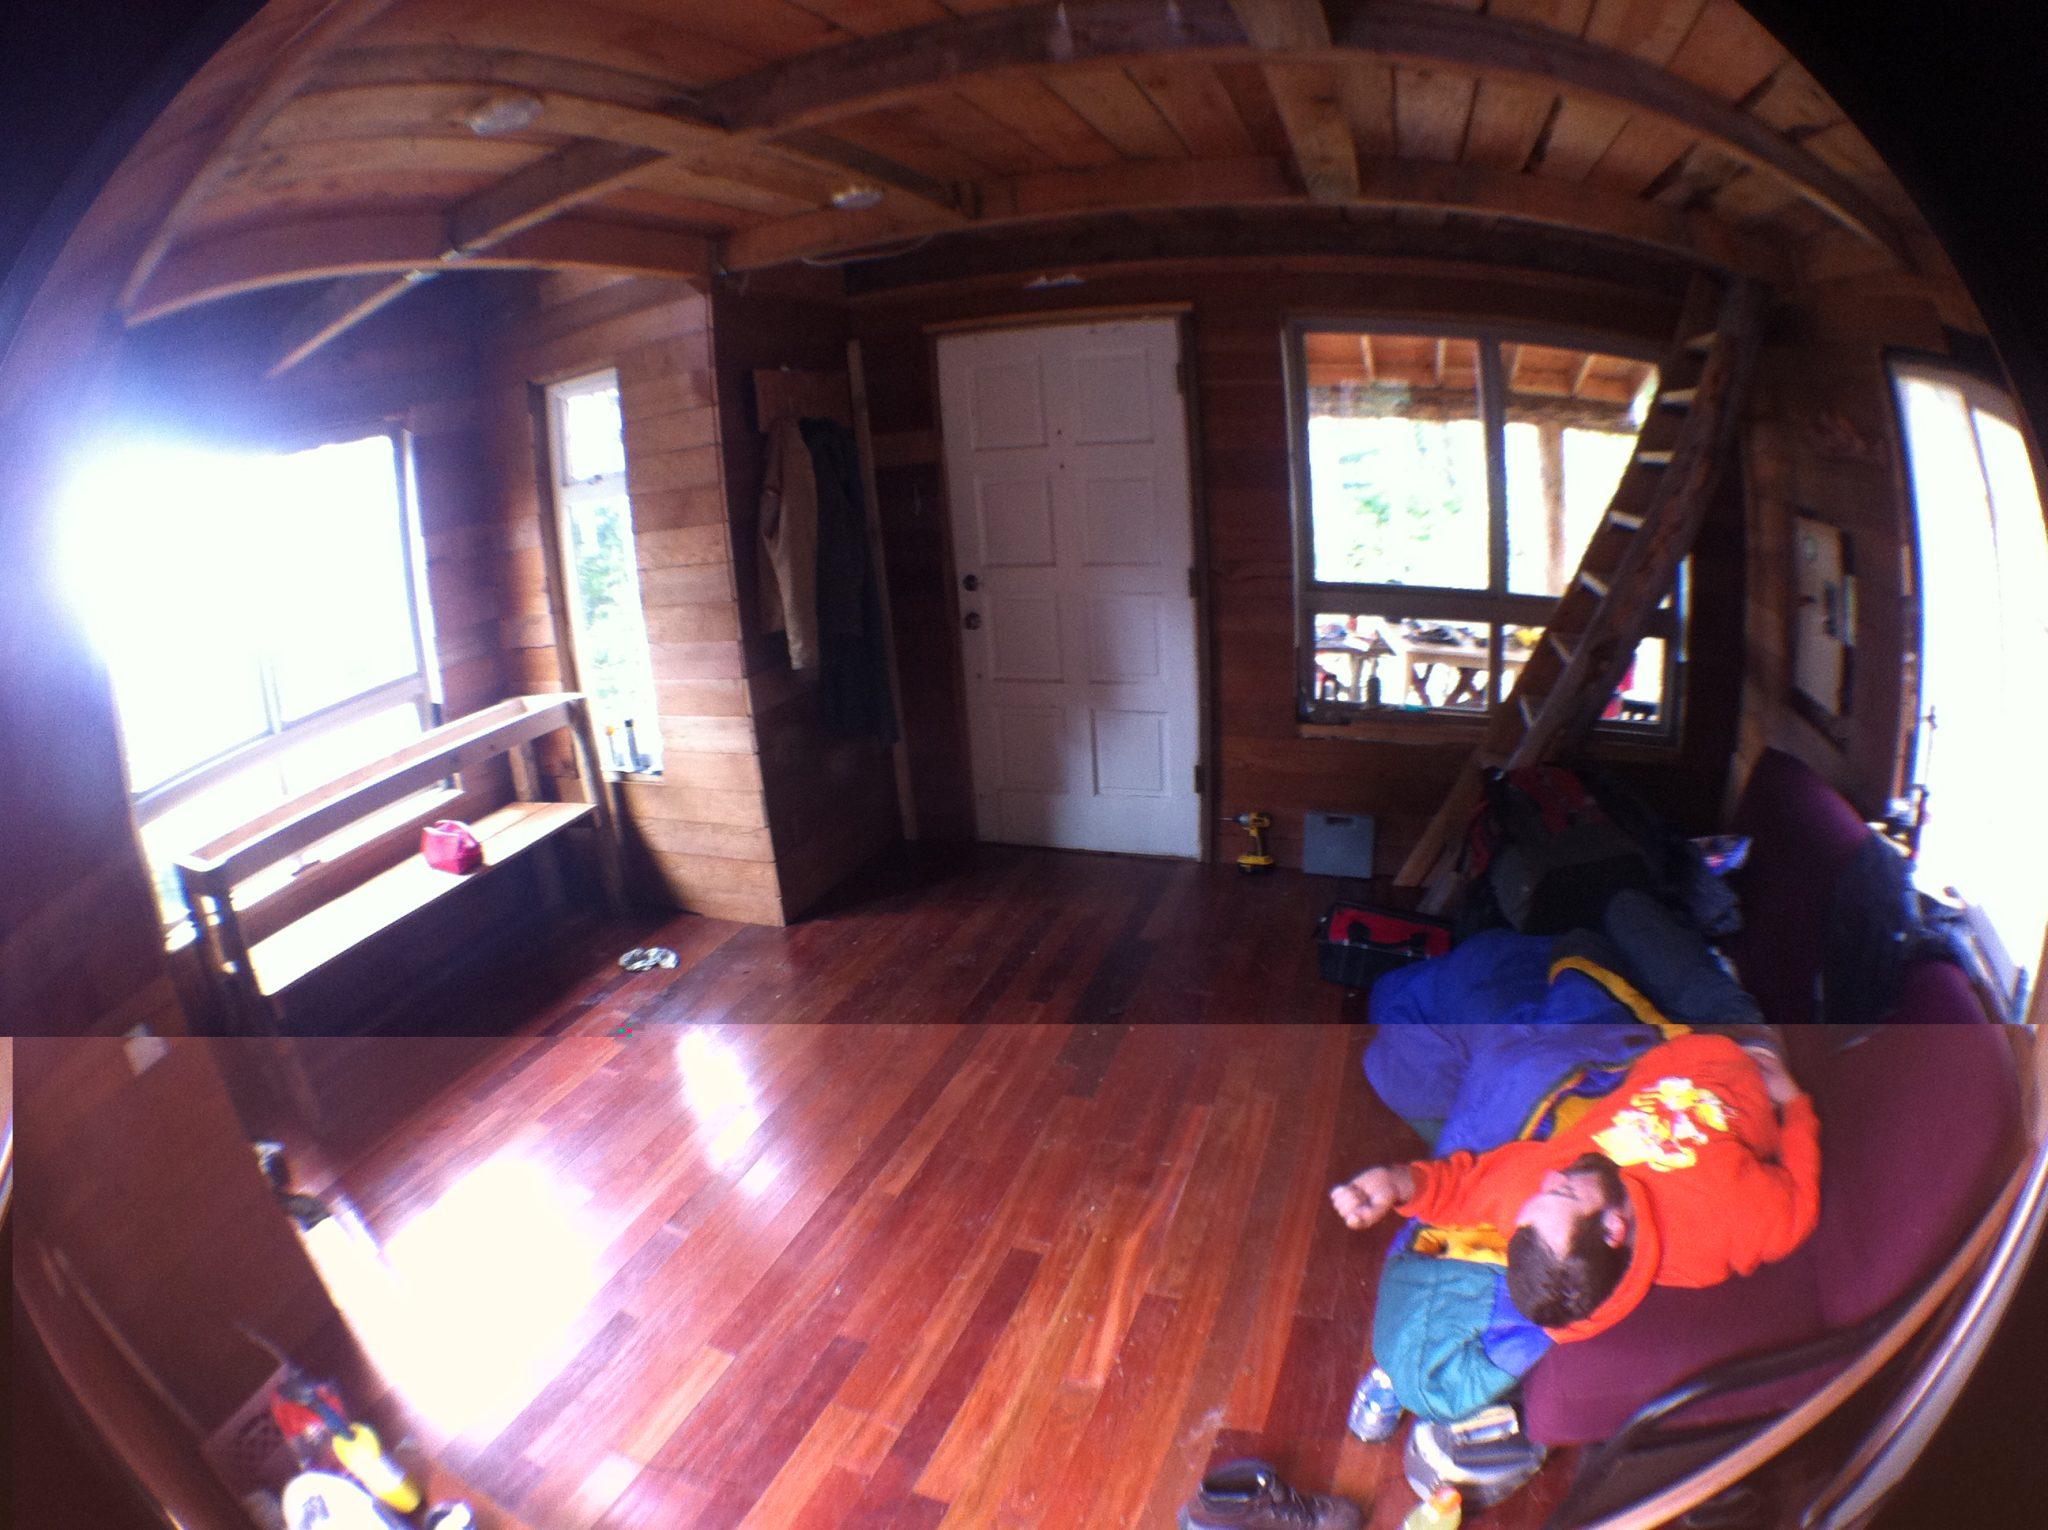 Wood floor in tiny cabin